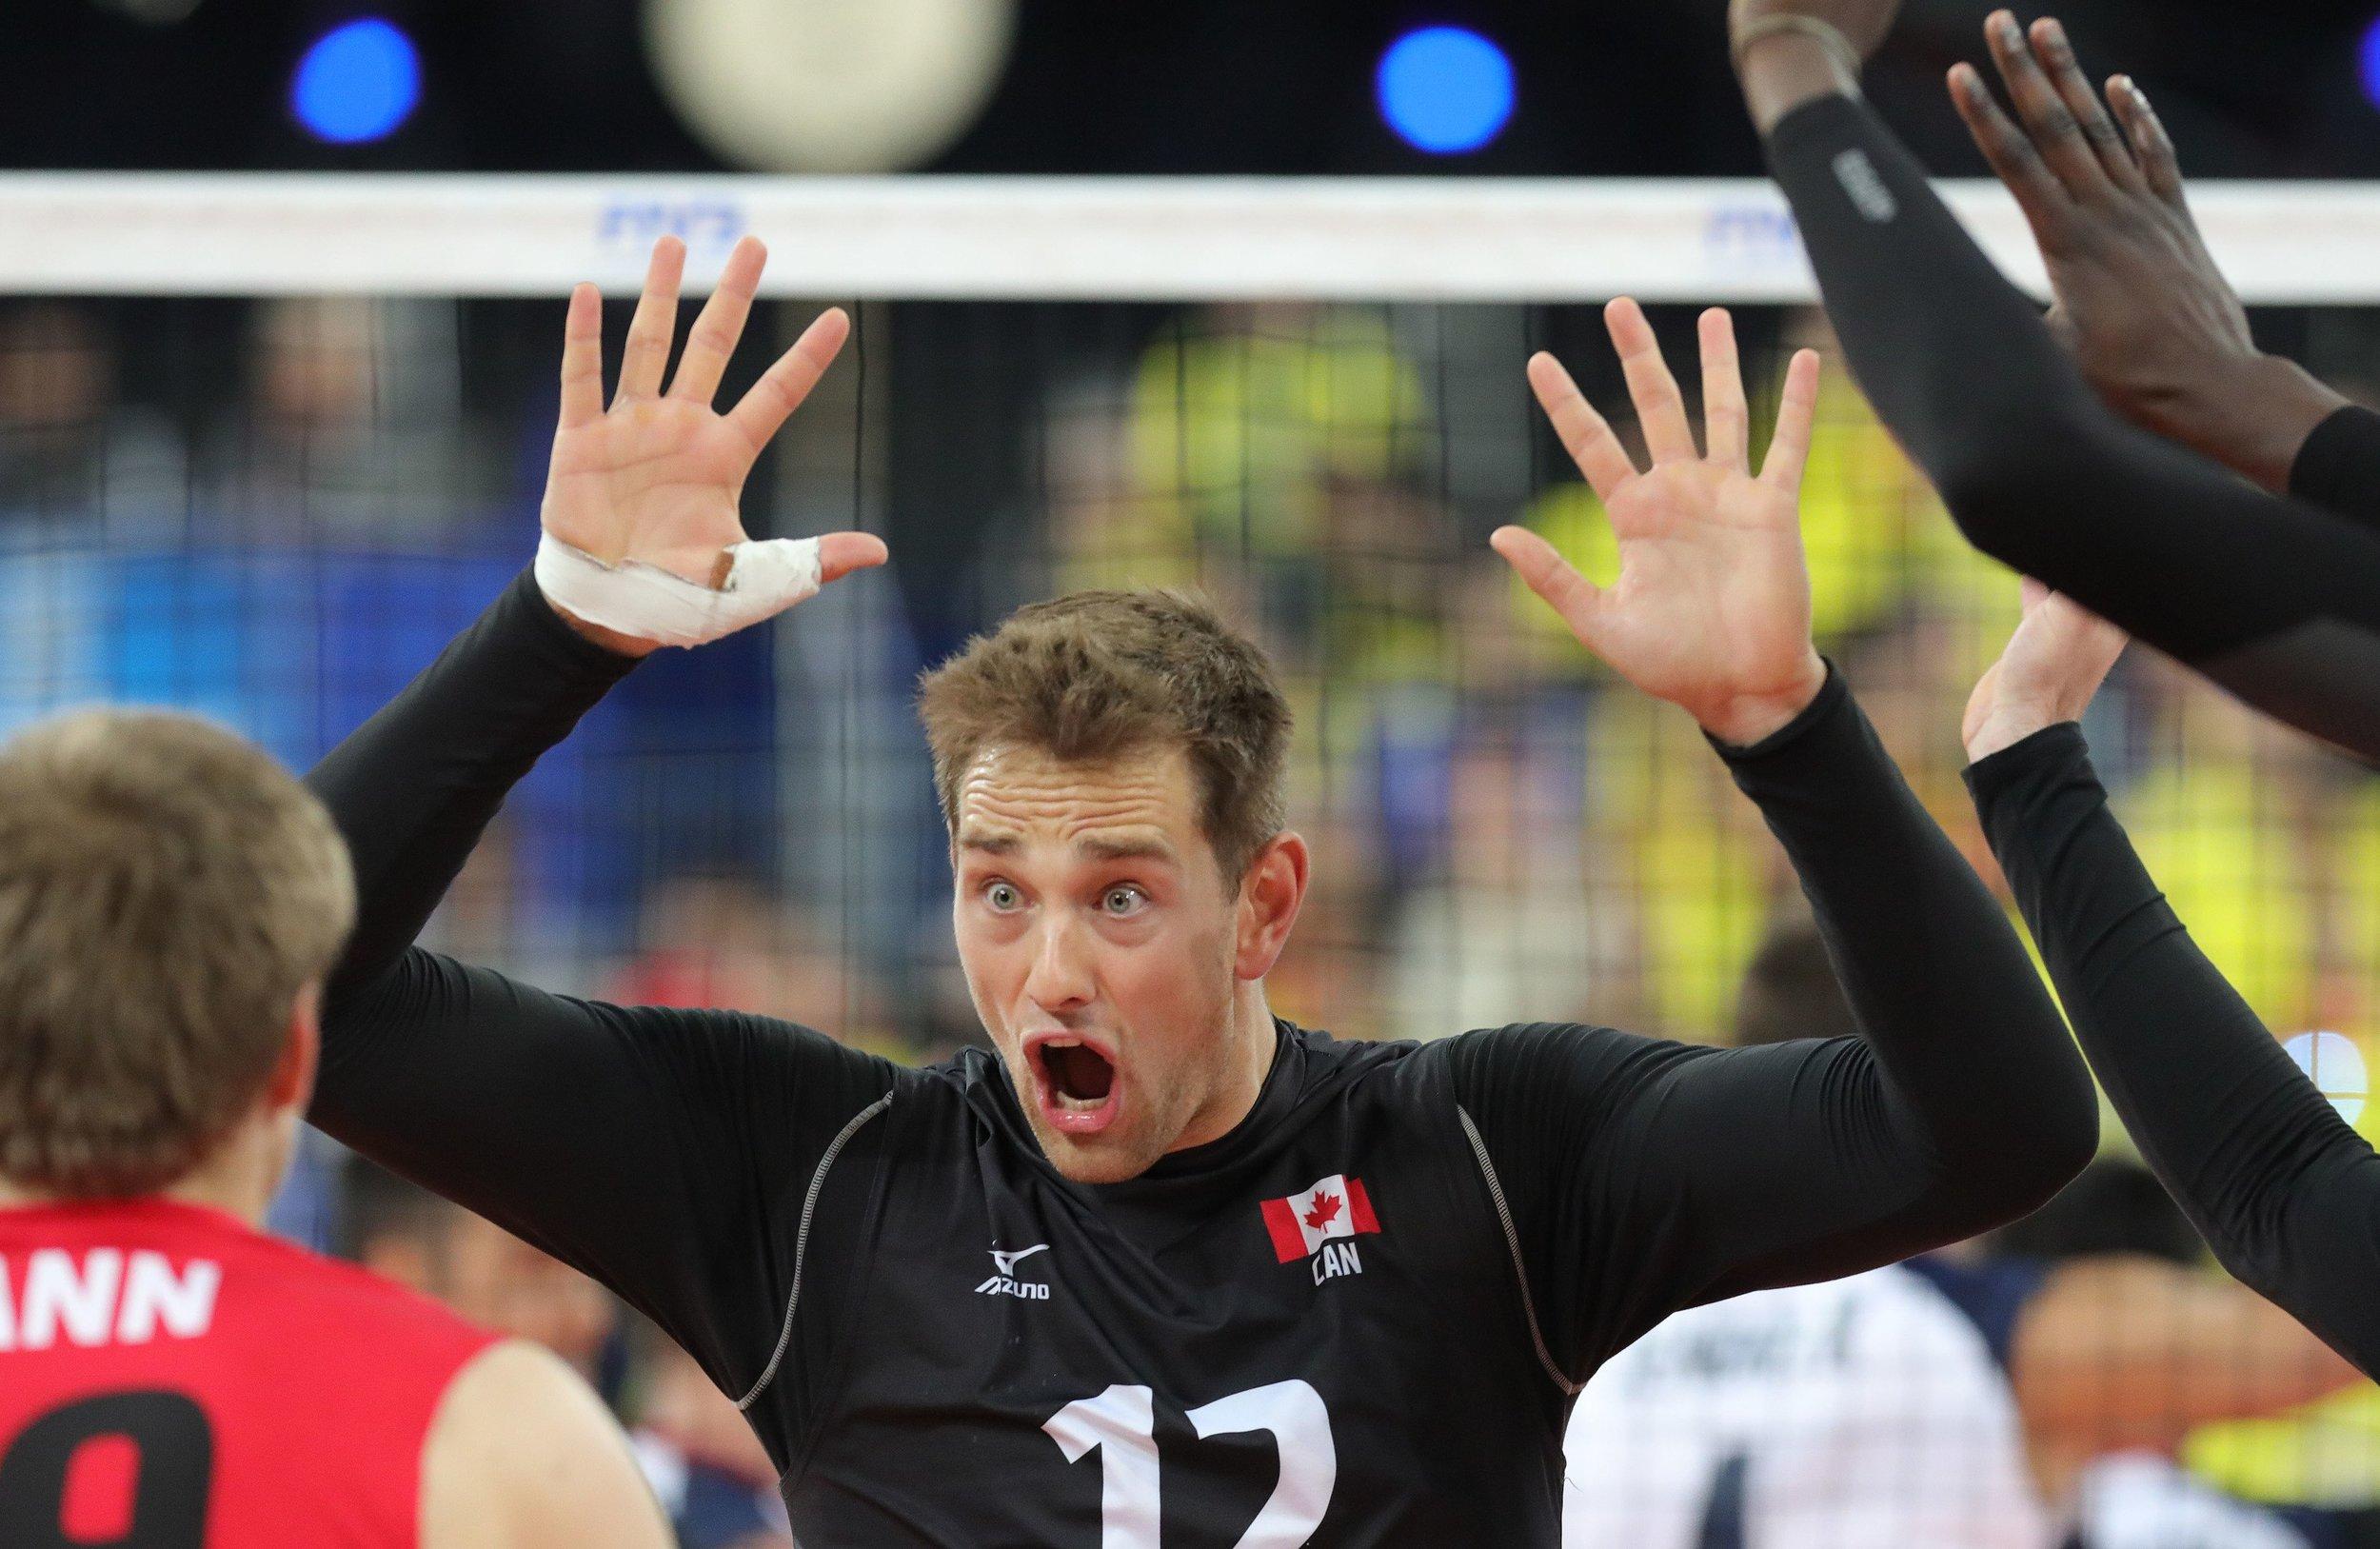 Lucas Van Berkel - Team Canada Maple Volleys